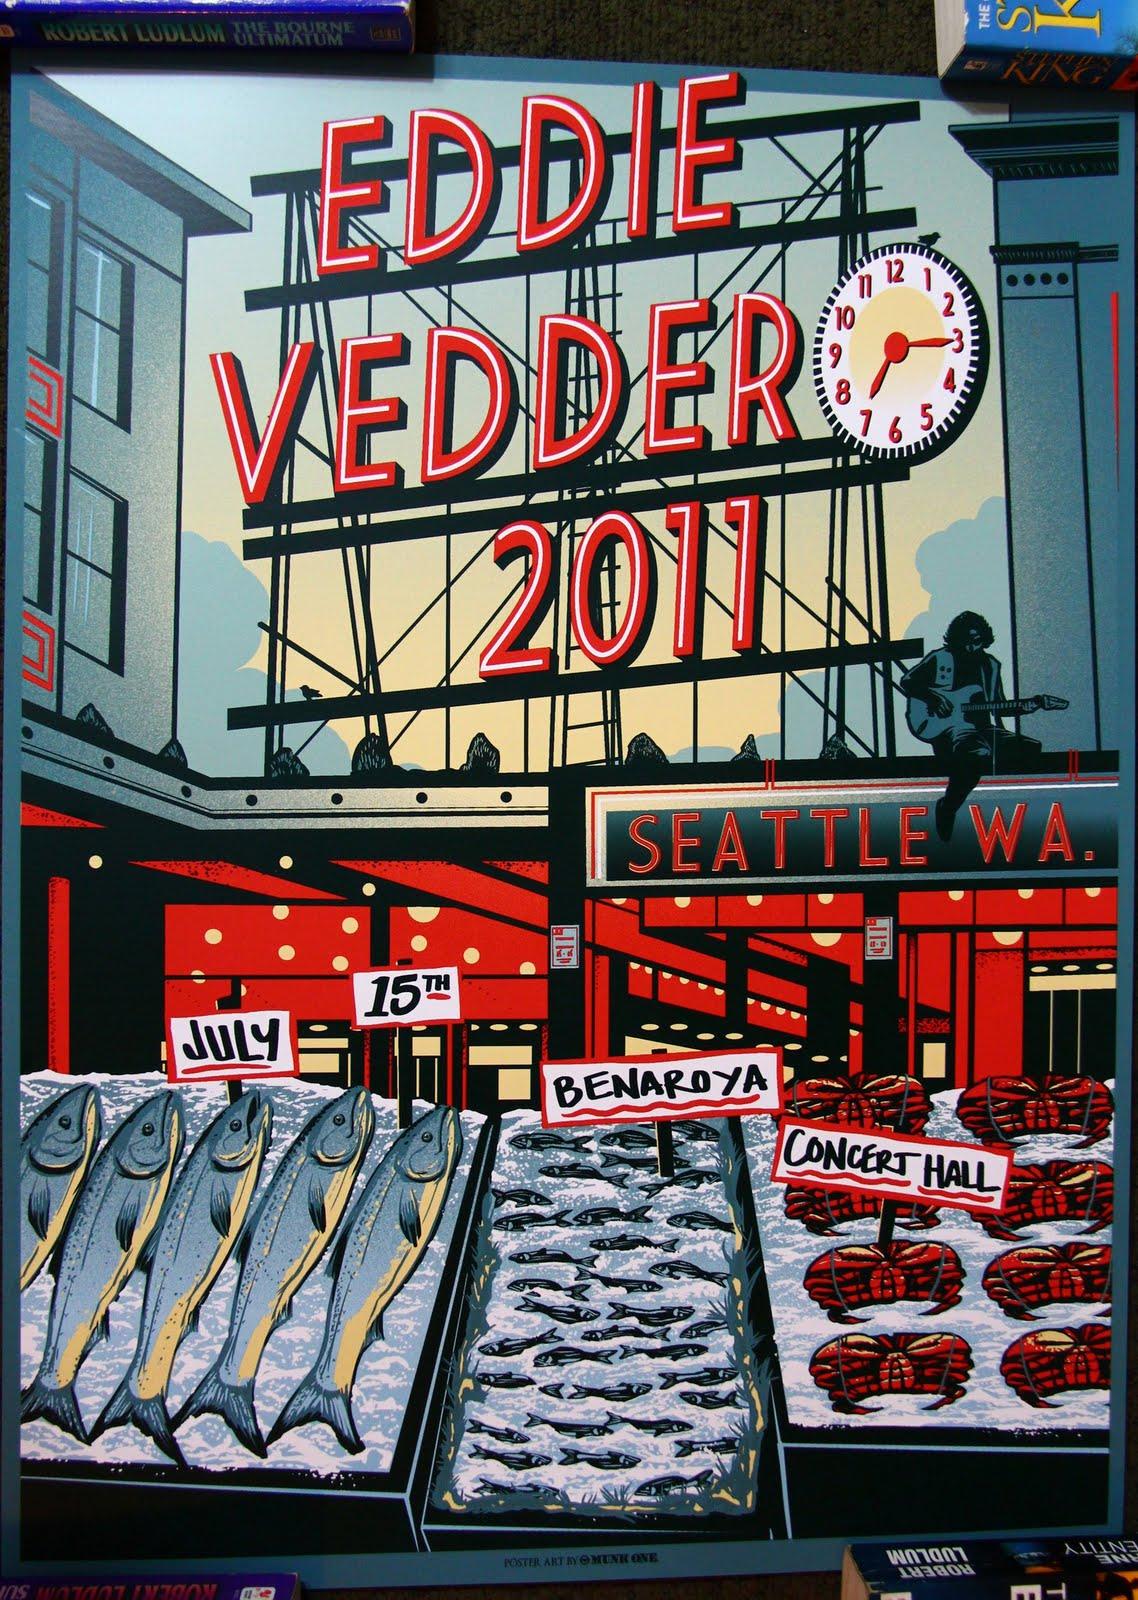 Inside The Rock Poster Frame Blog Munk One Eddie Vedder